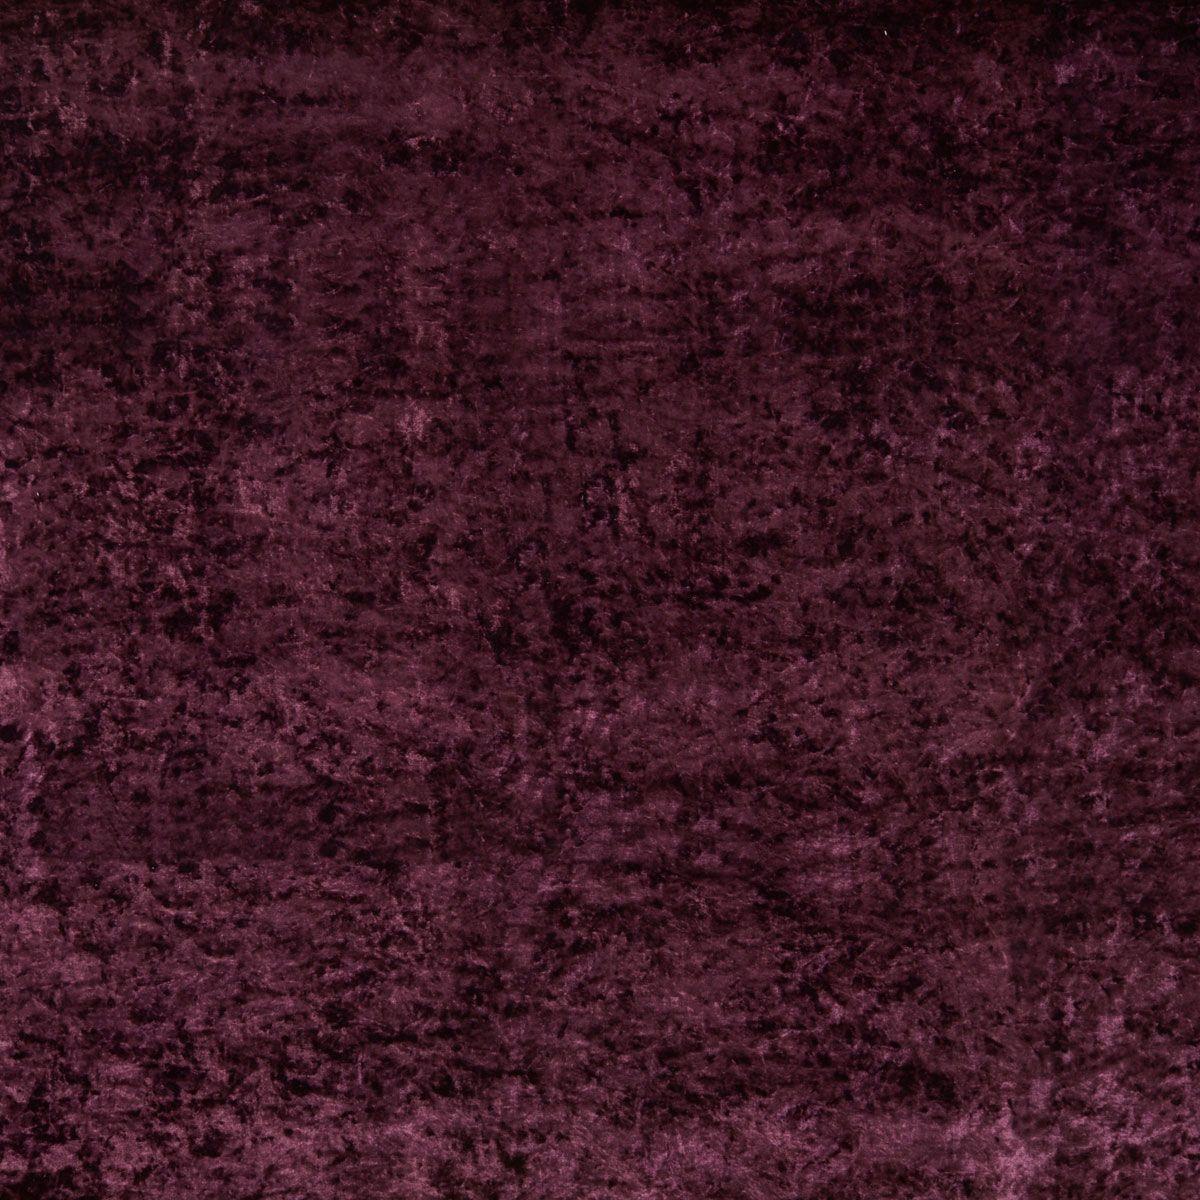 Aubergine Marble Velour Fabric